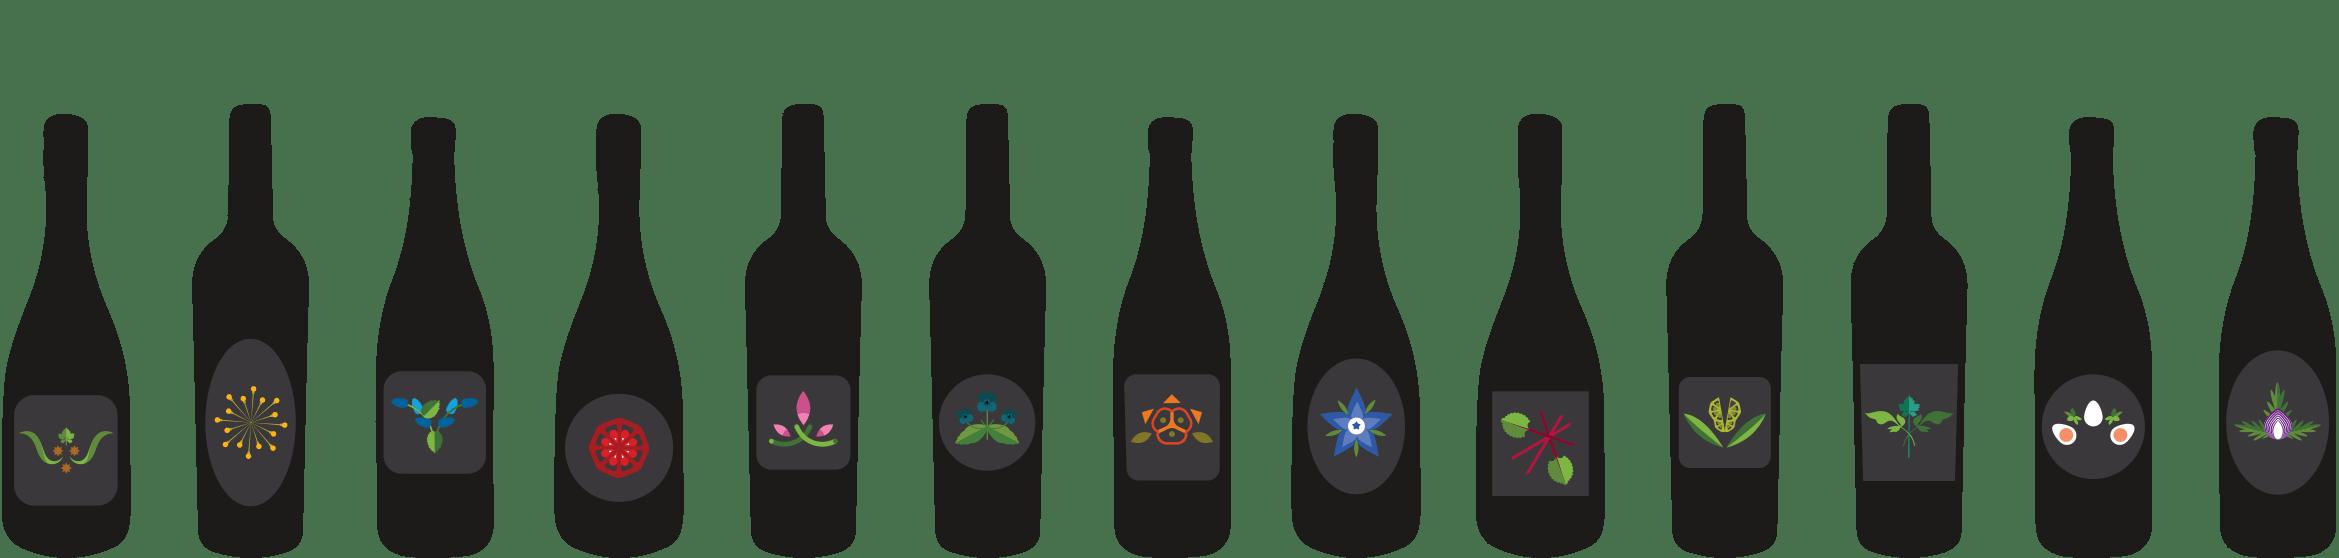 cantina vini naturali 800x450 1